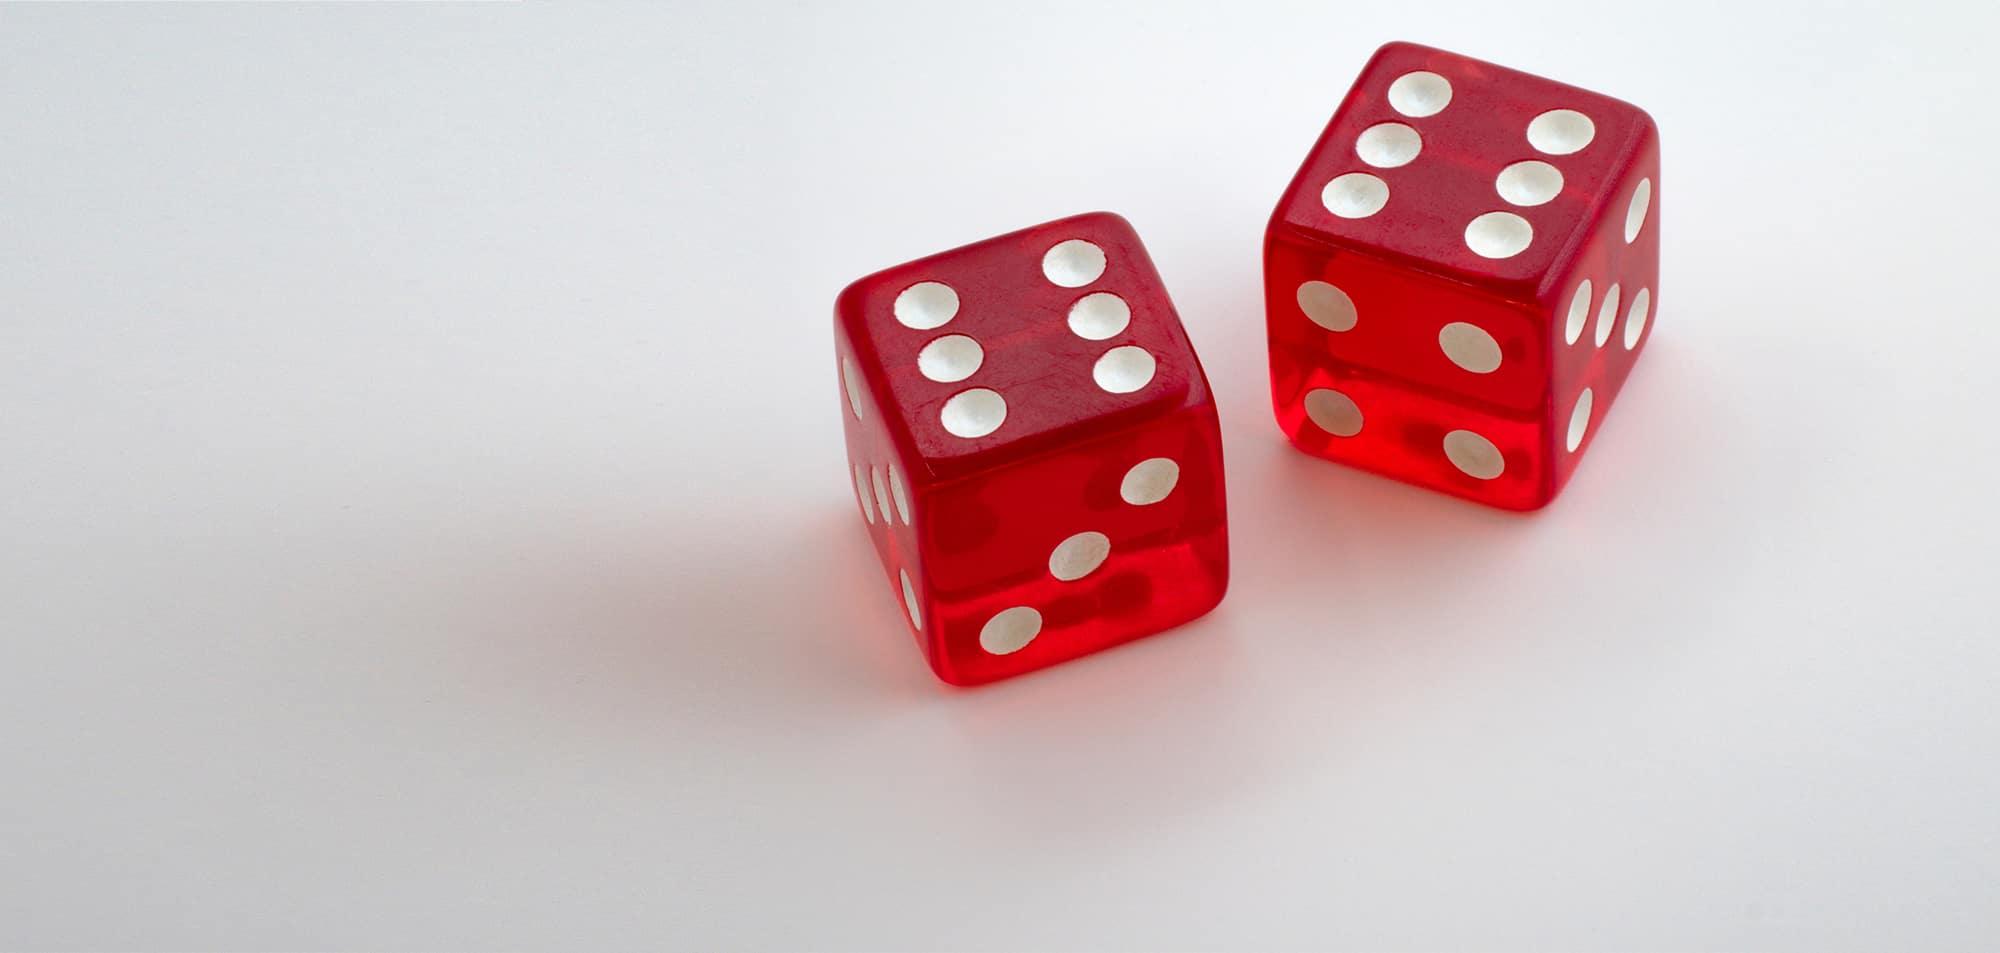 איך להיות מקום ראשון בגוגל